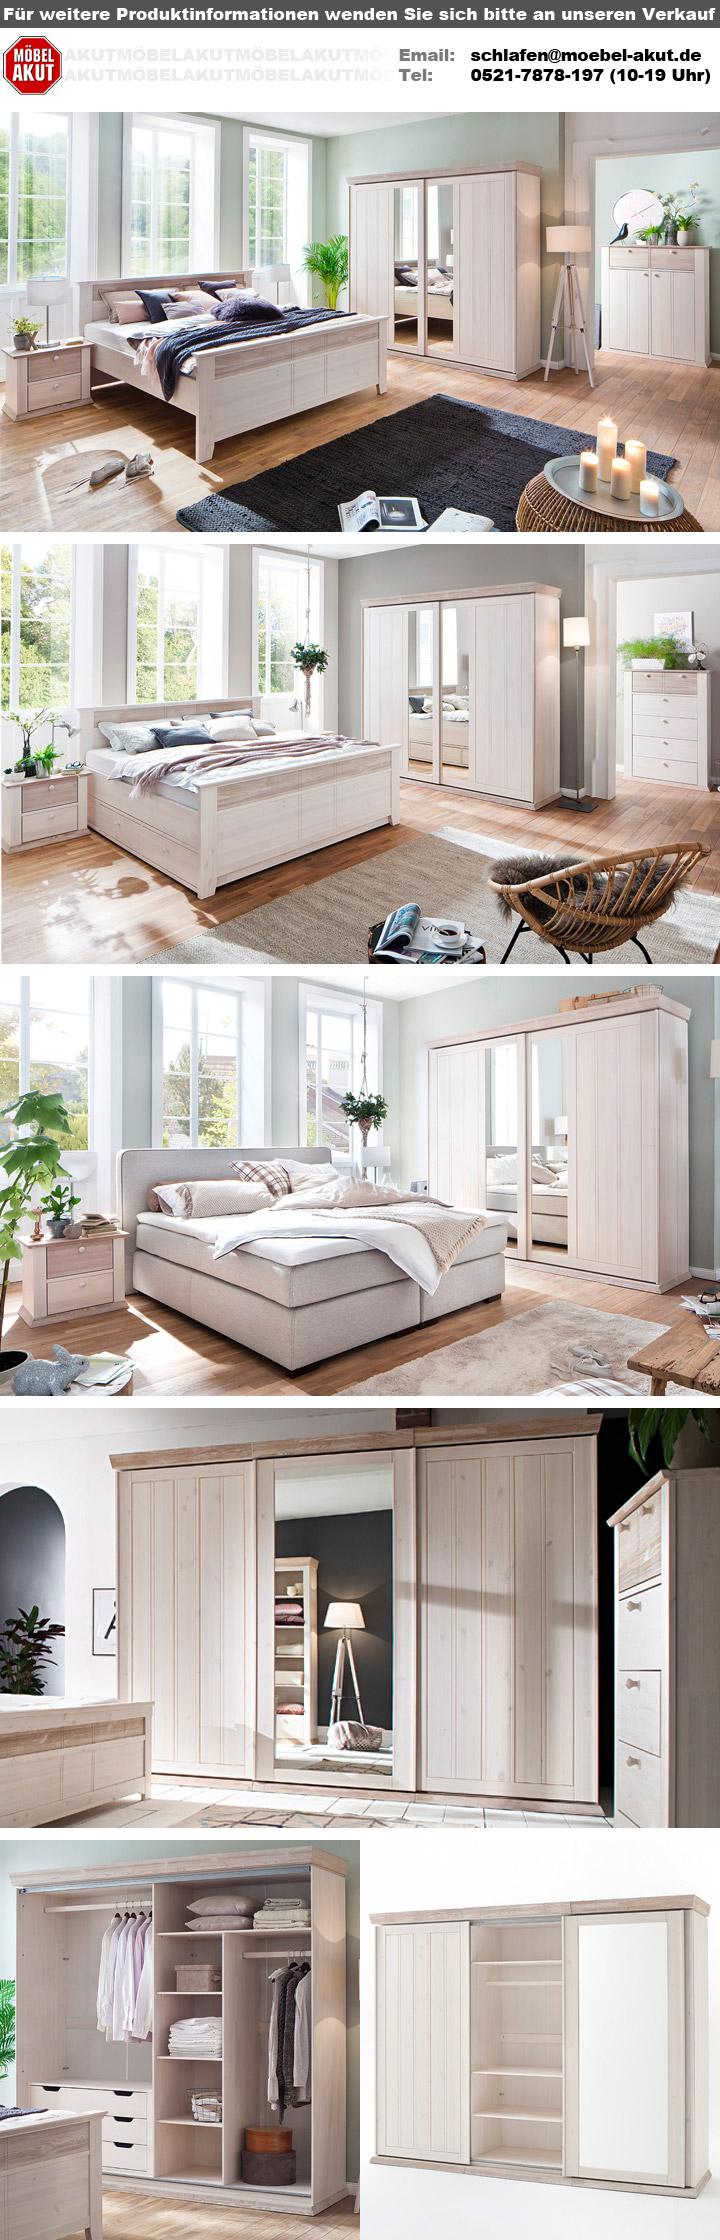 Schlafzimmer GÖTEBORG 4-tlg Set Kiefer massiv weiß Milan mit Schweber